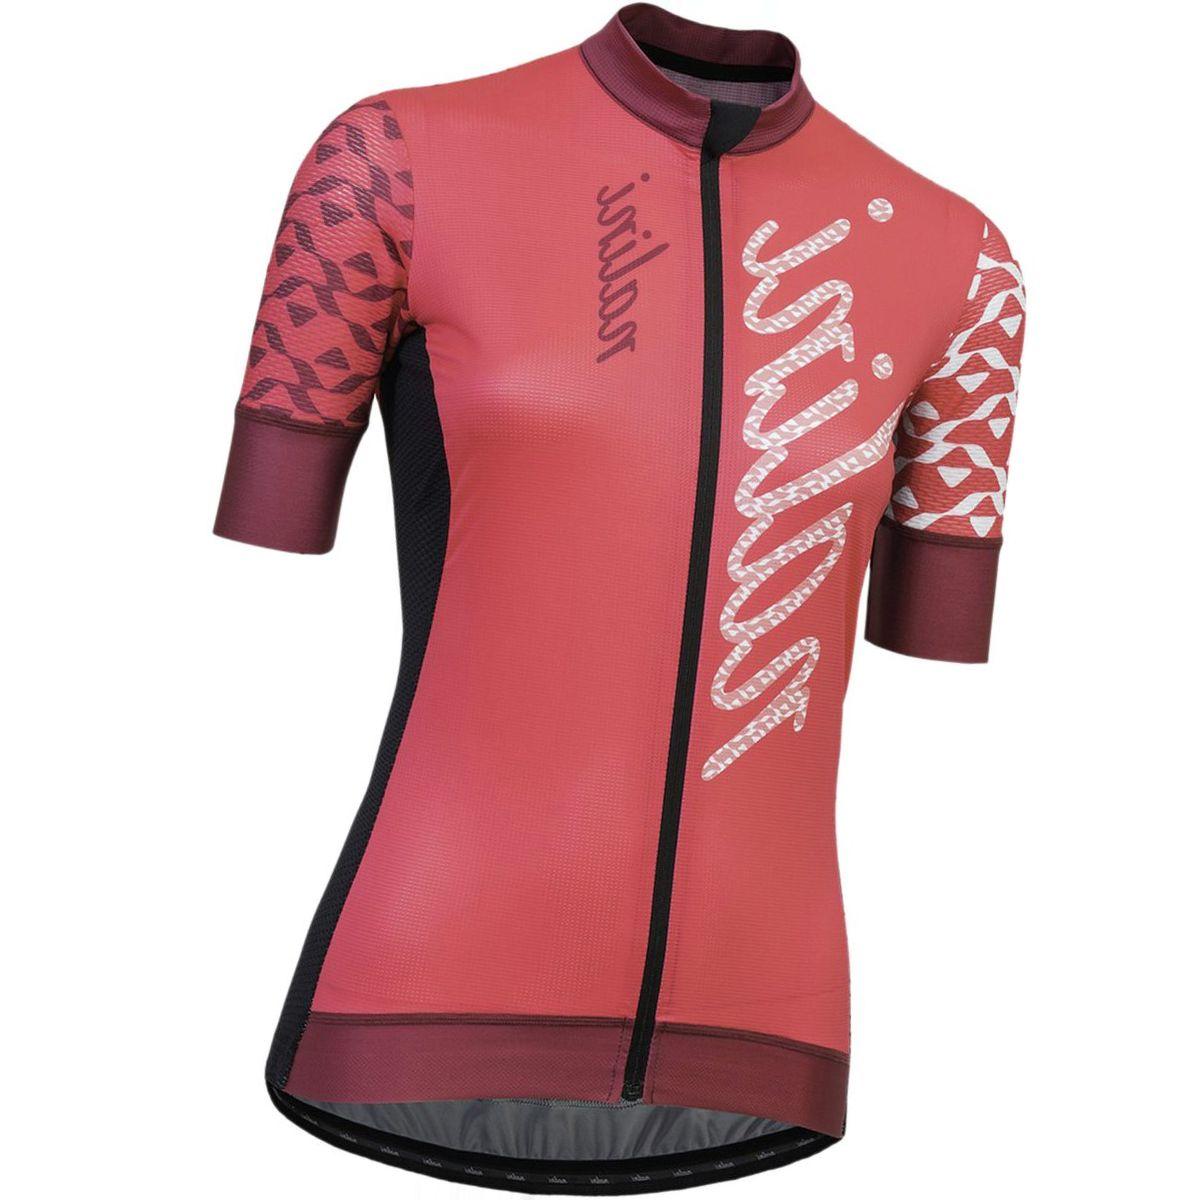 Nalini Stilosa Short-Sleeve Jersey - Women's